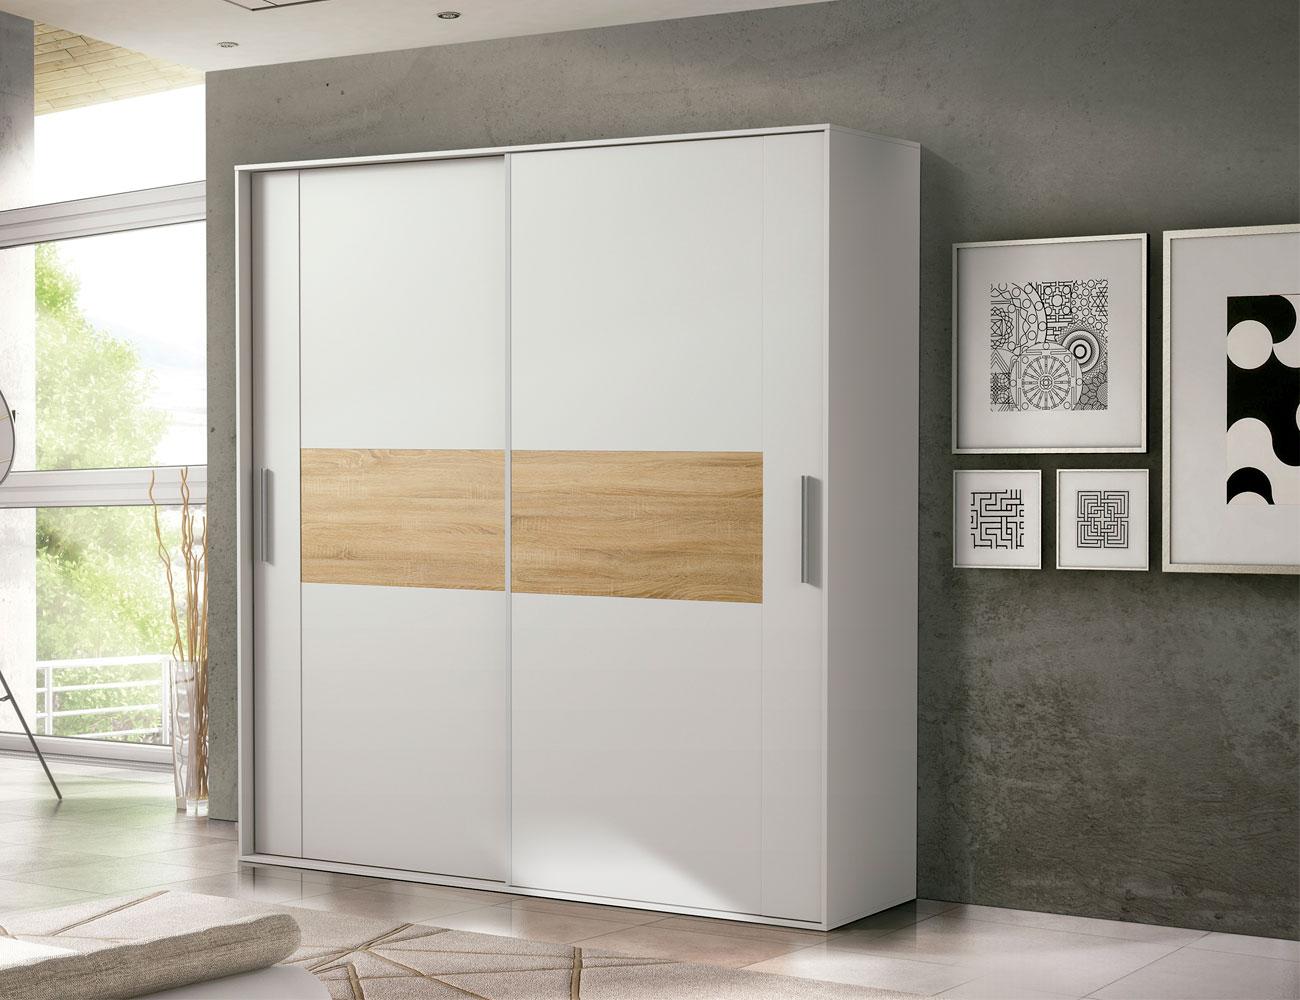 Armario 2 puertas correderas moderno blanco cambrian